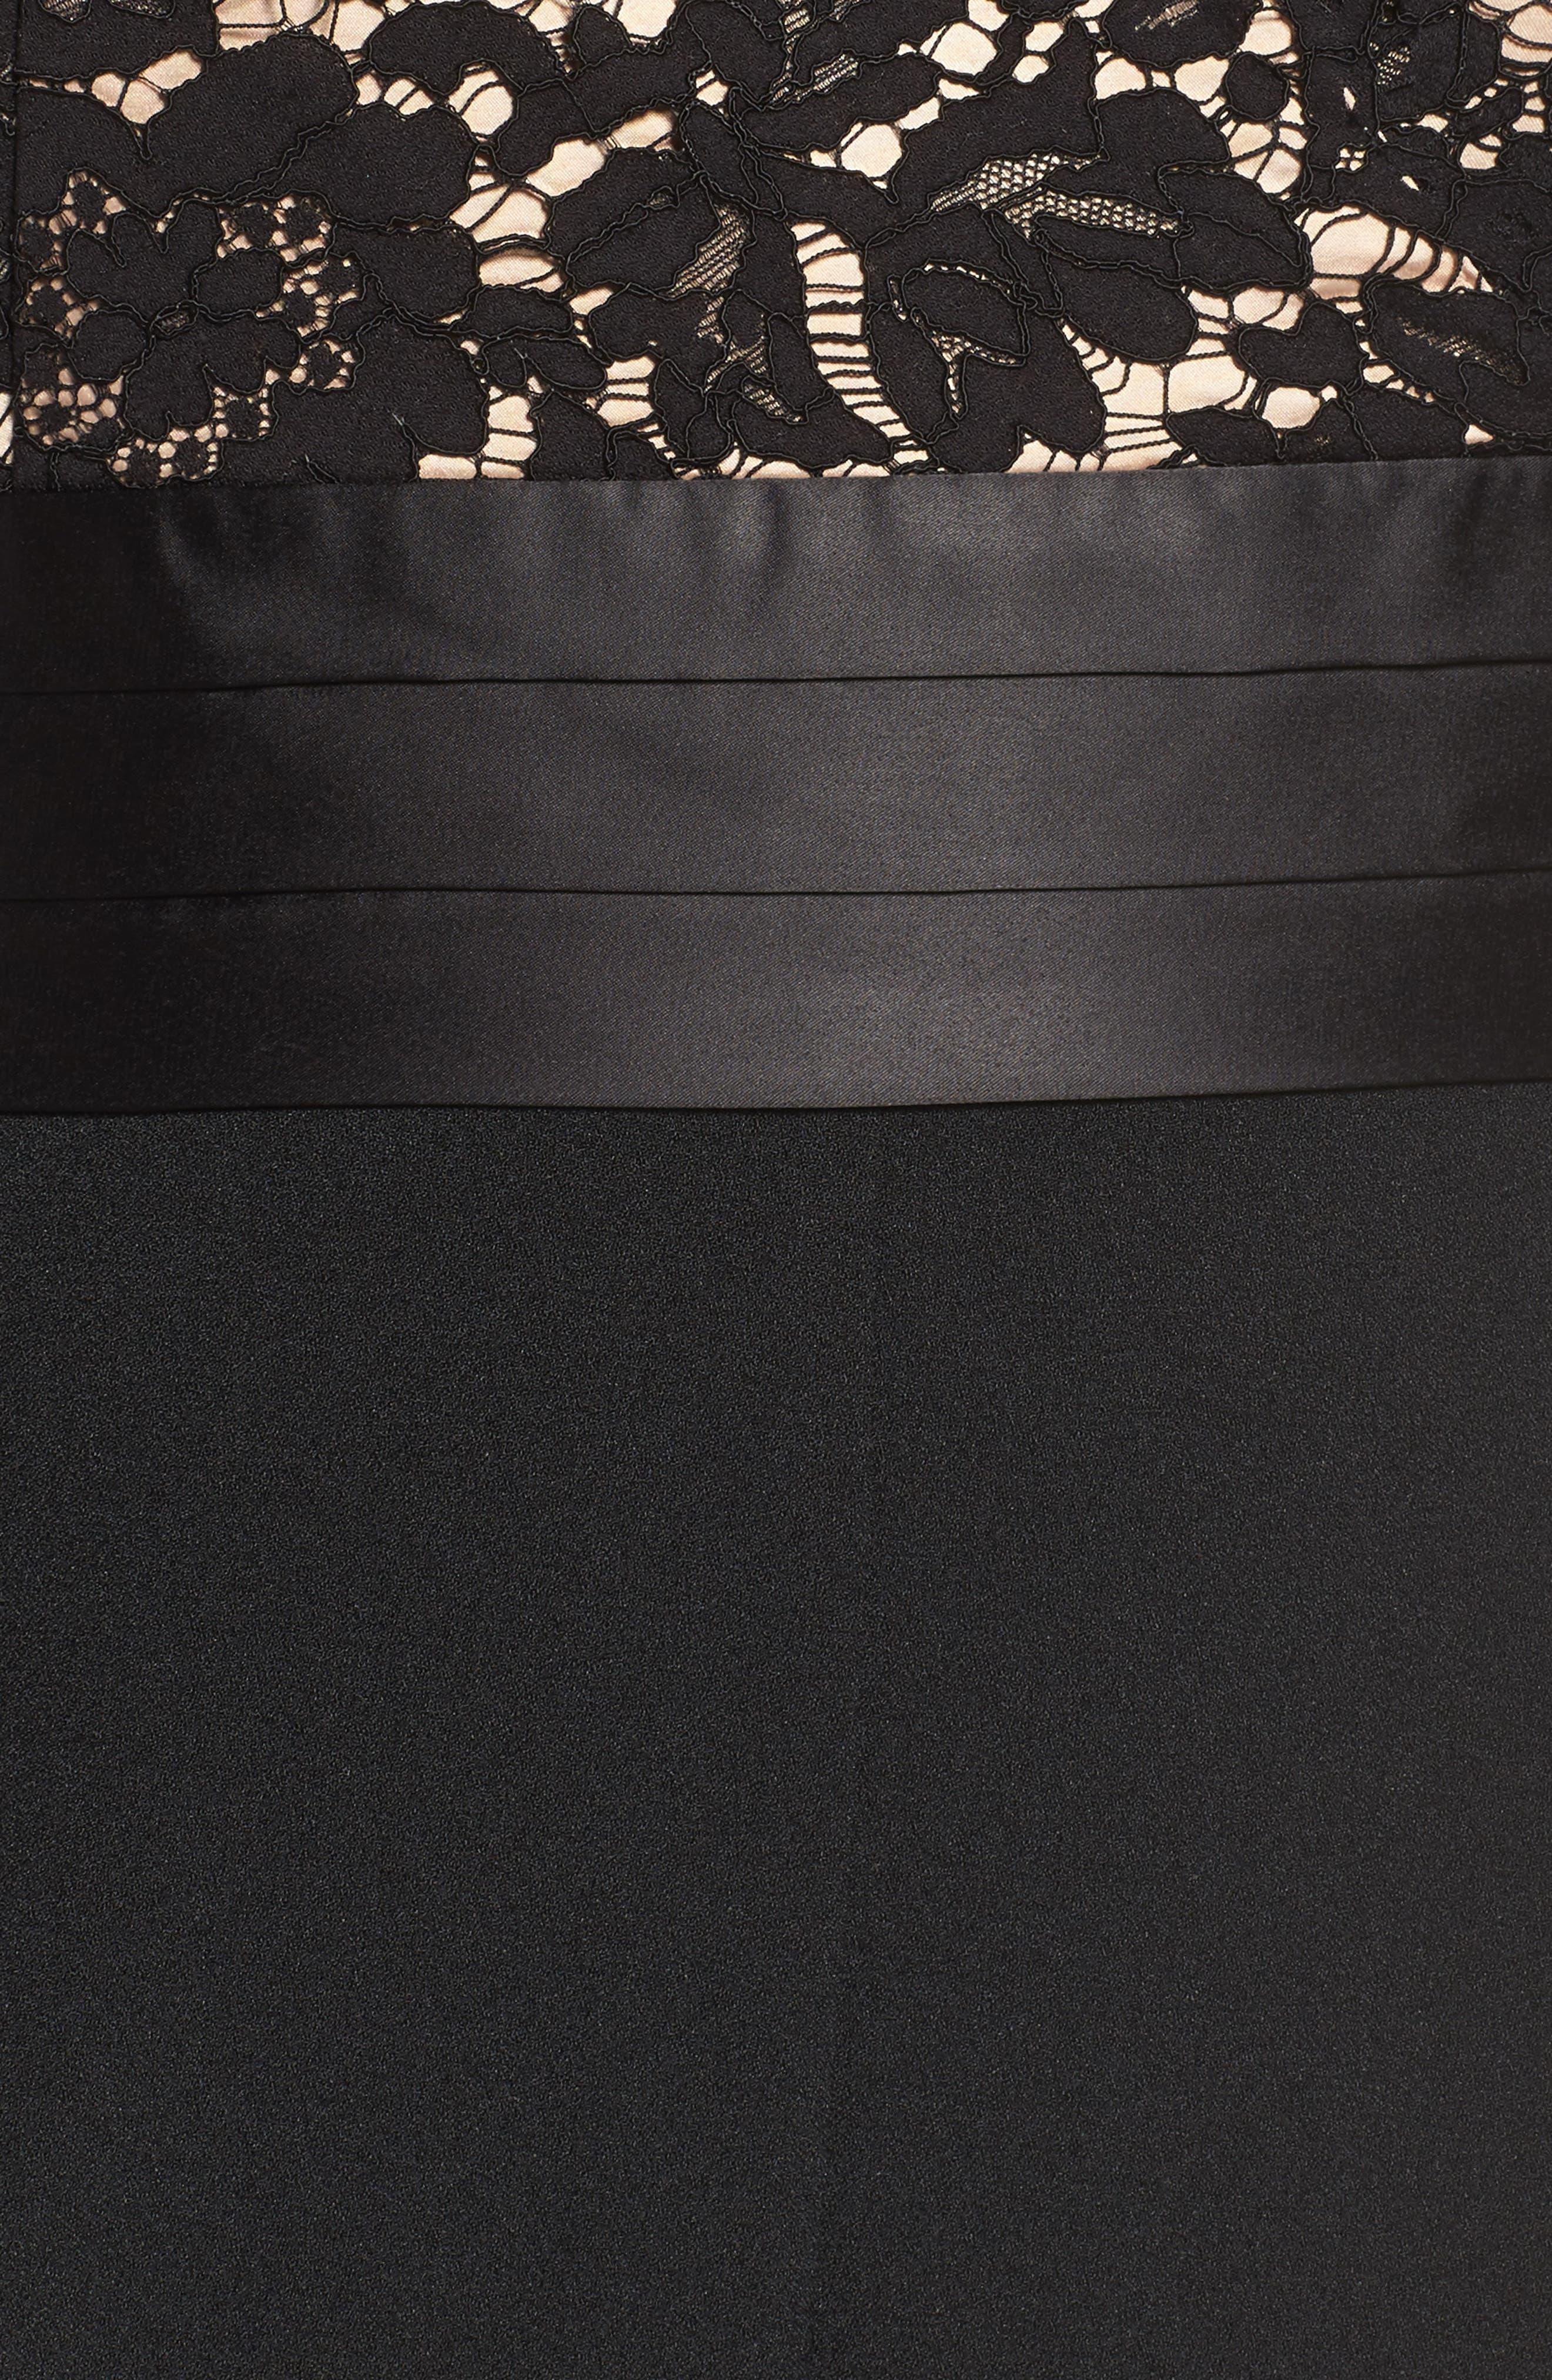 Lace Bodice Jumpsuit,                             Alternate thumbnail 5, color,                             001